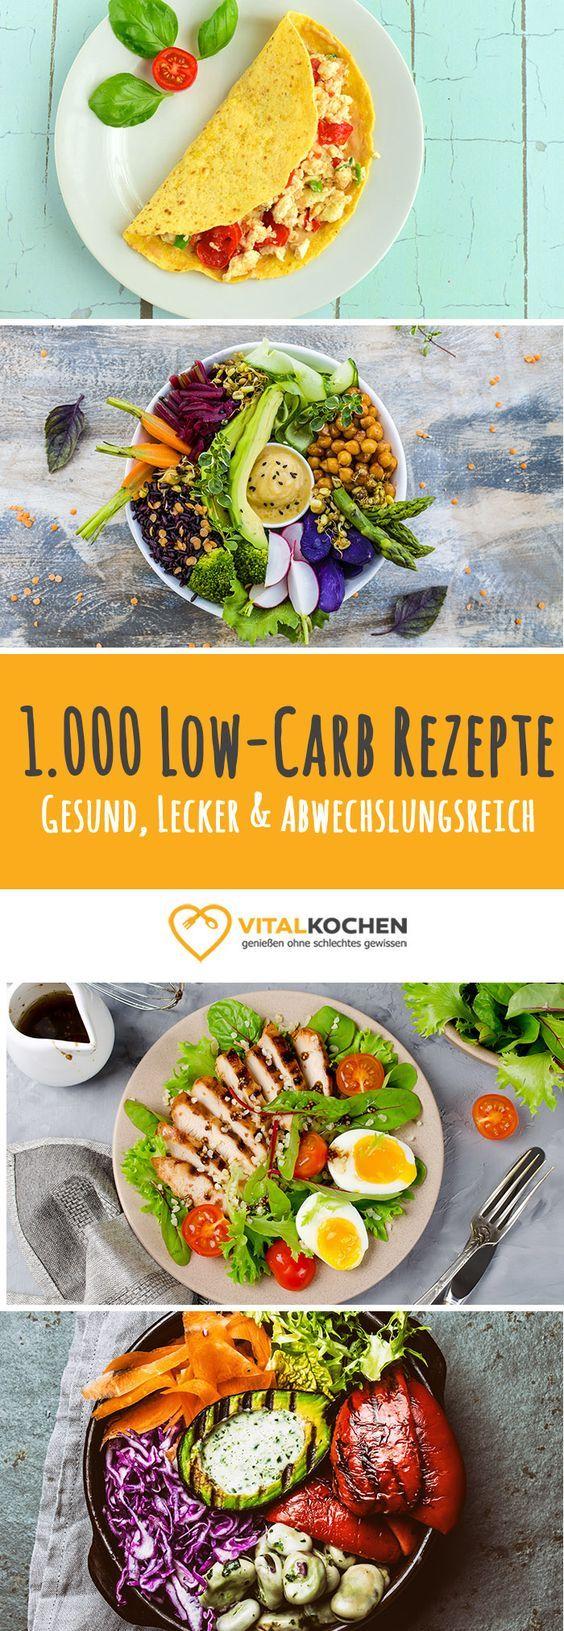 ber low carb rezepte zum abnehmen vegetarisch oder mit fisch fleisch fr hst cks. Black Bedroom Furniture Sets. Home Design Ideas